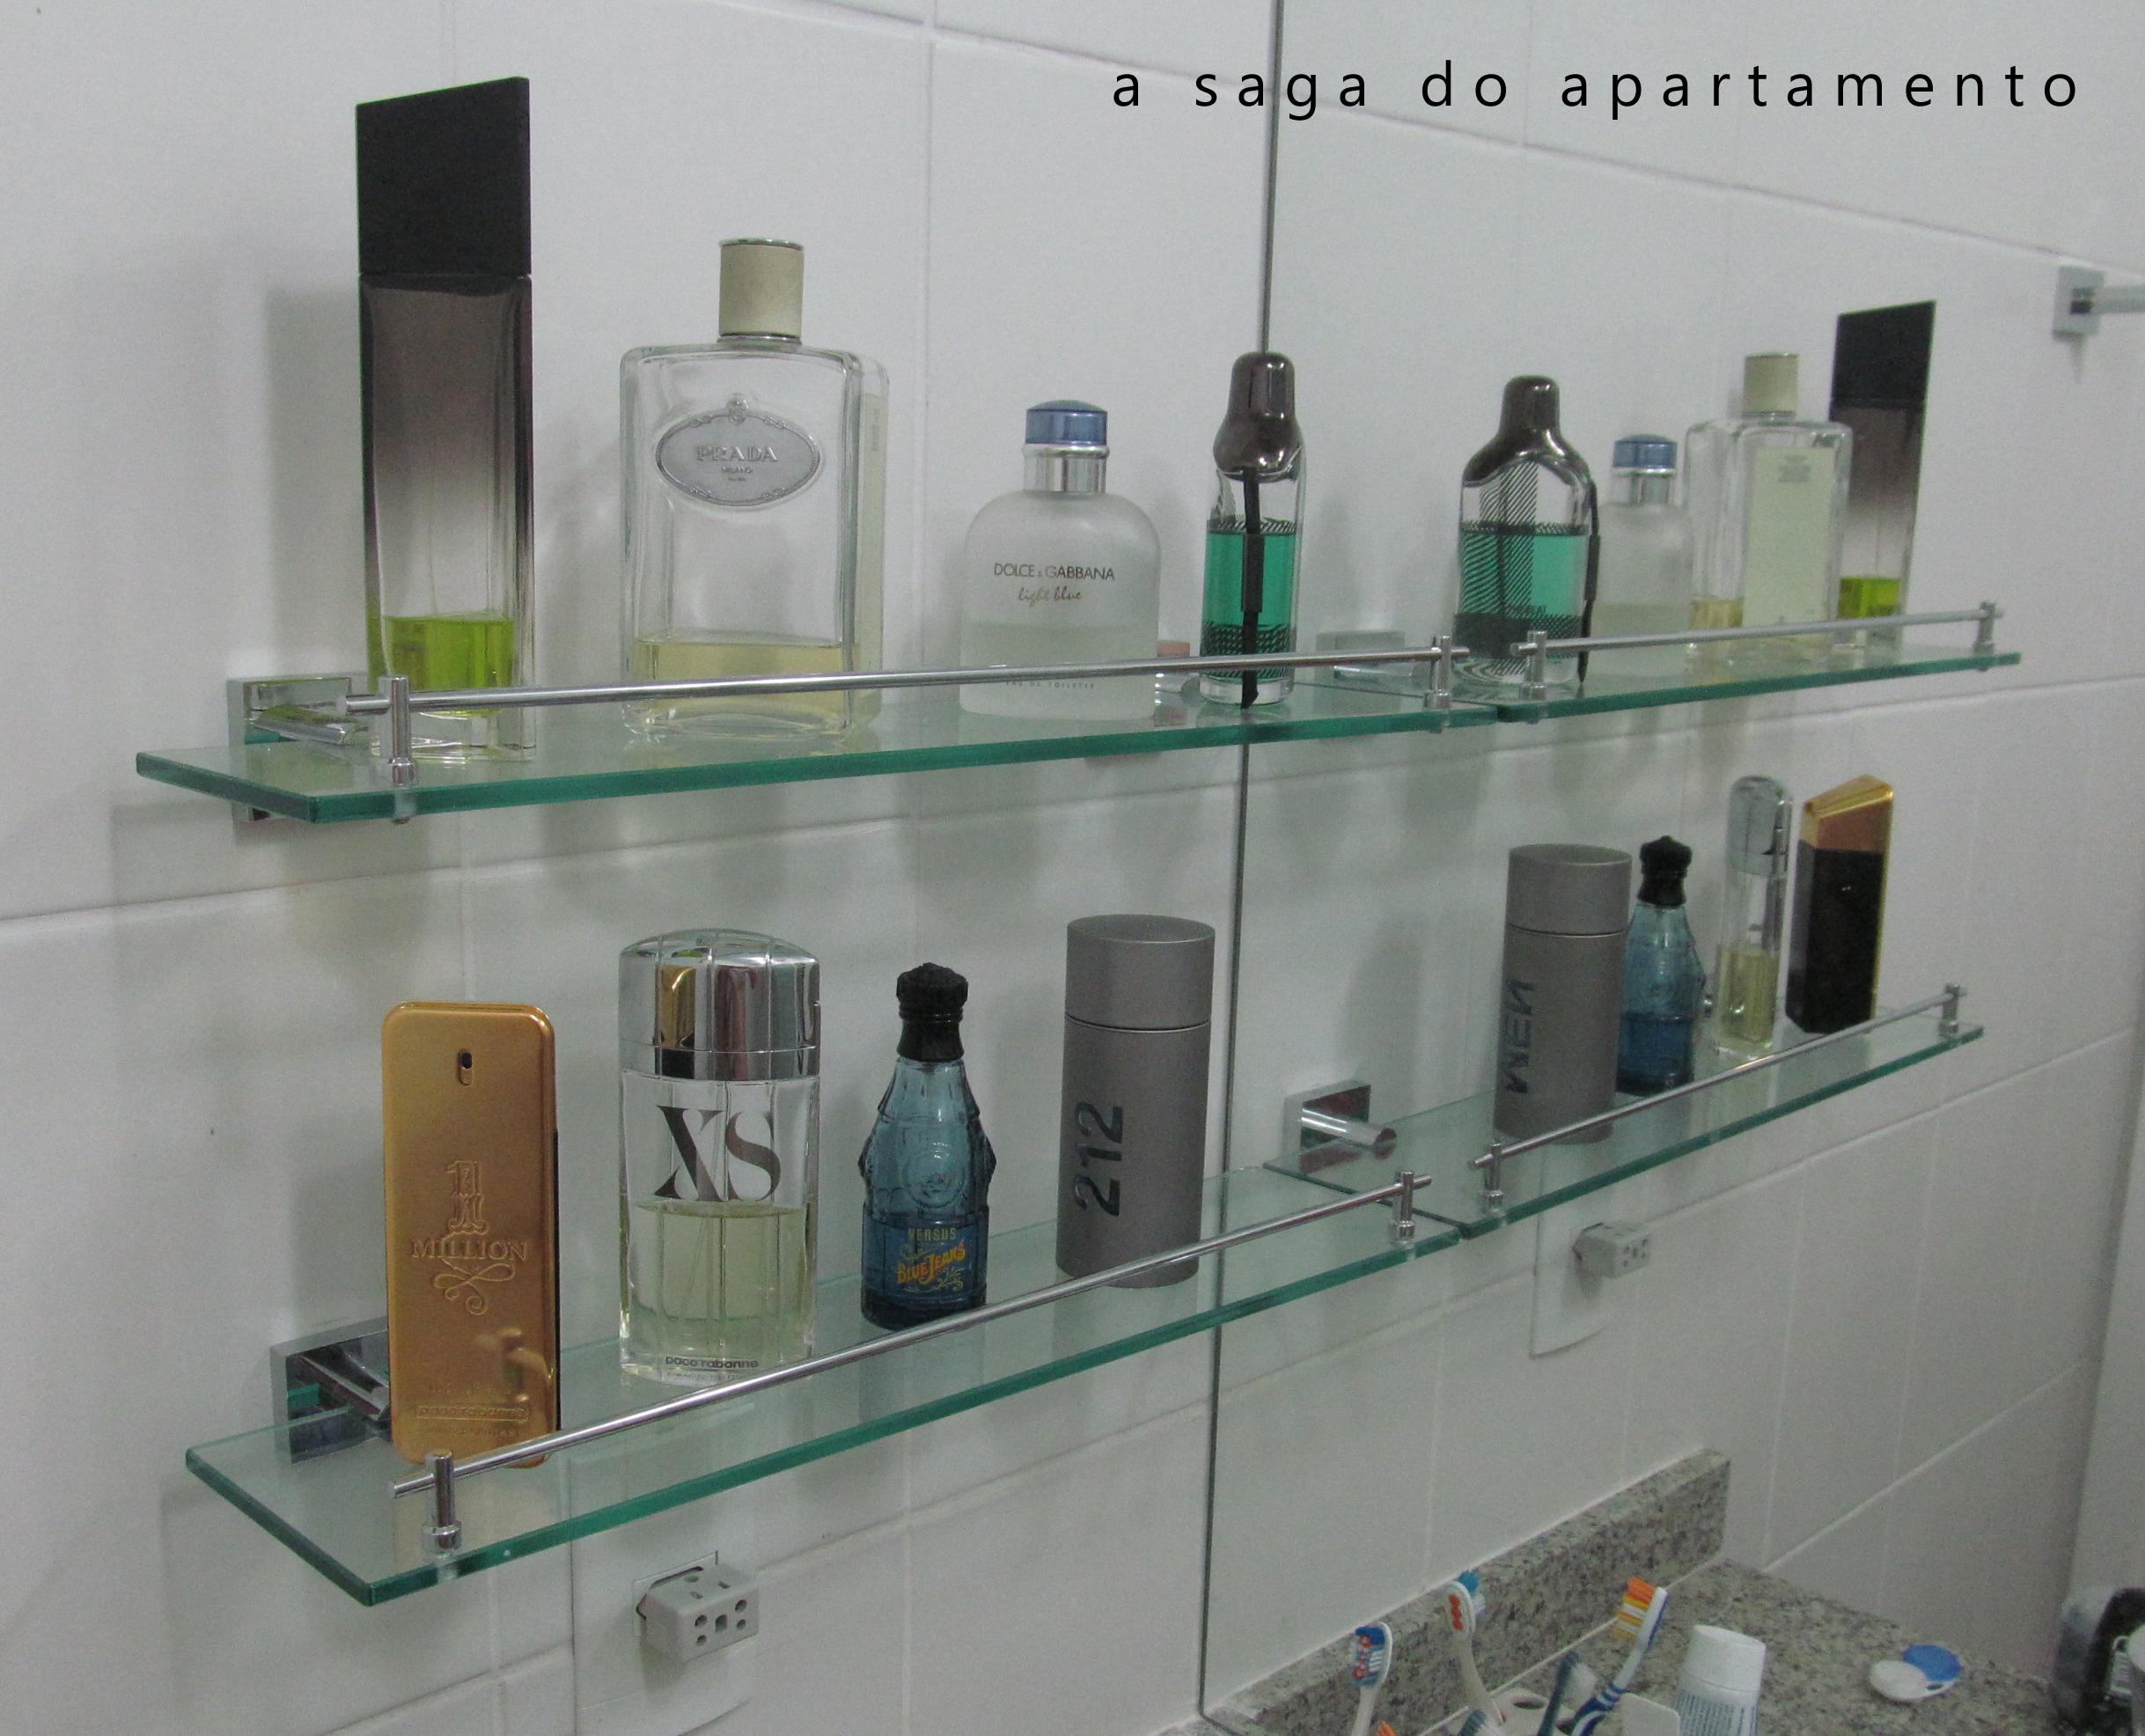 colecao de perfumes prateleira de vidro #664B34 2437 1972